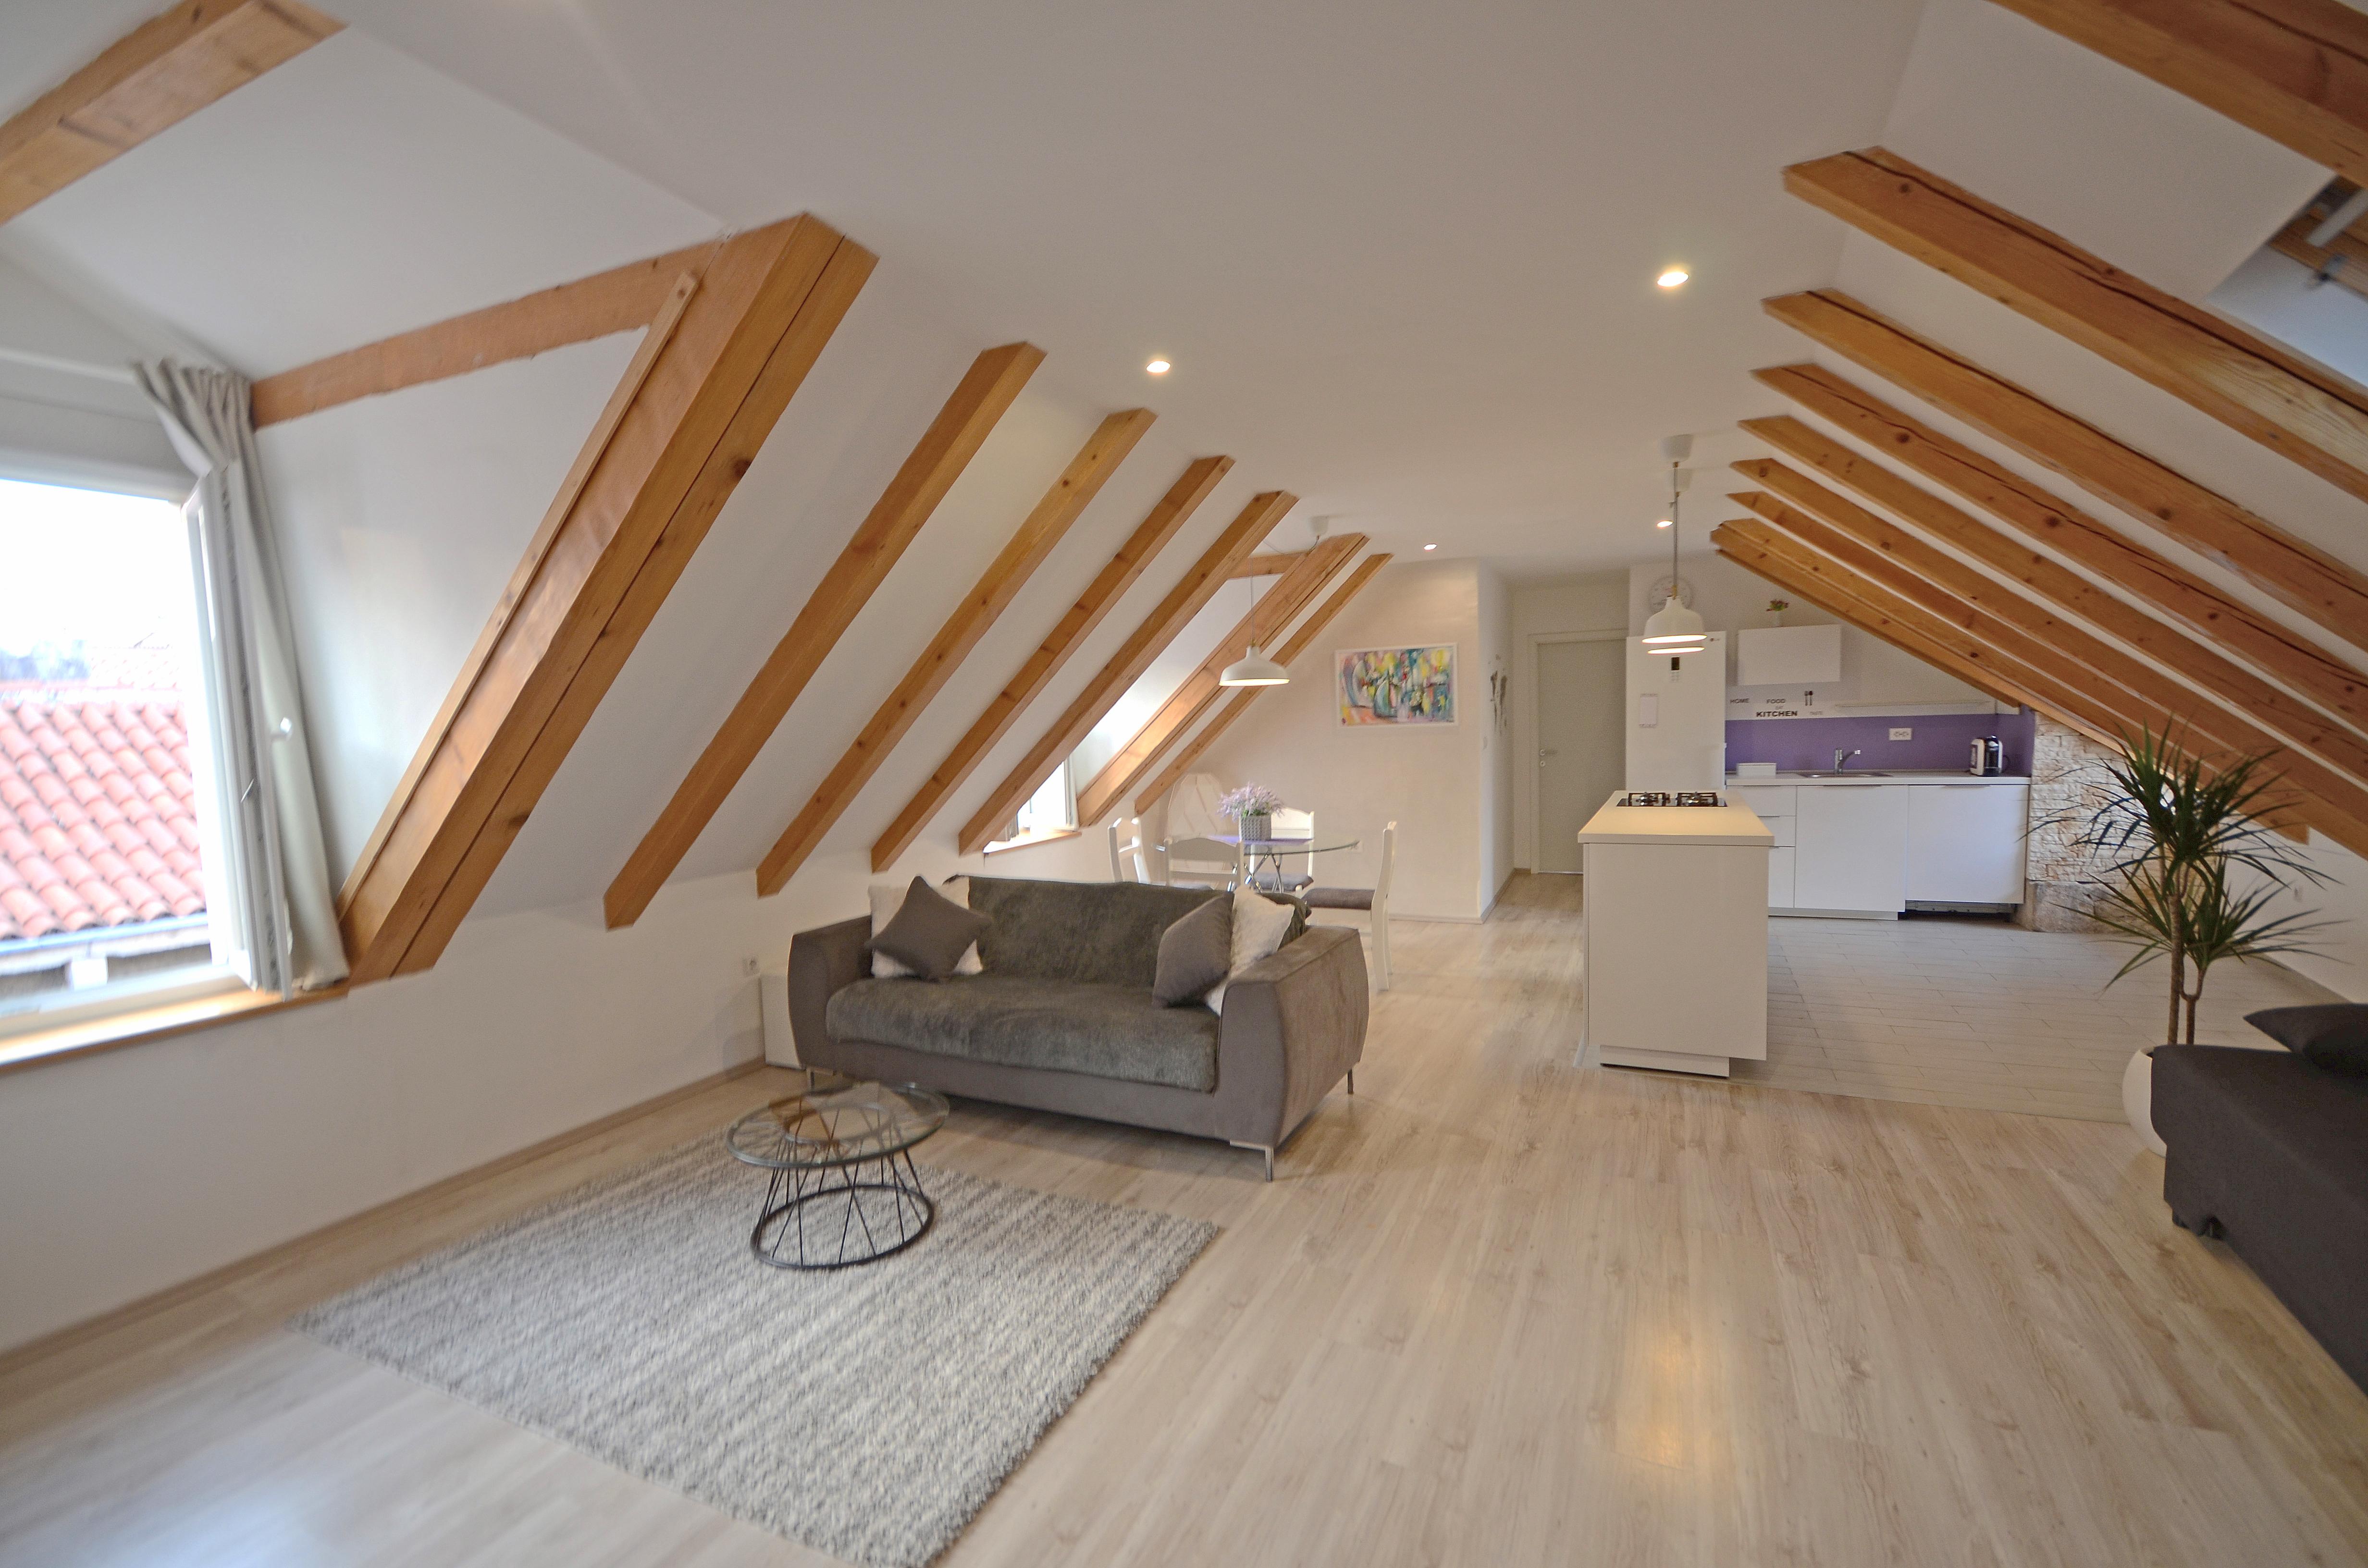 Loft Apartment Cindro Lofts For Rent In Split Splitsko Dalmatinska Zupanija Croatia